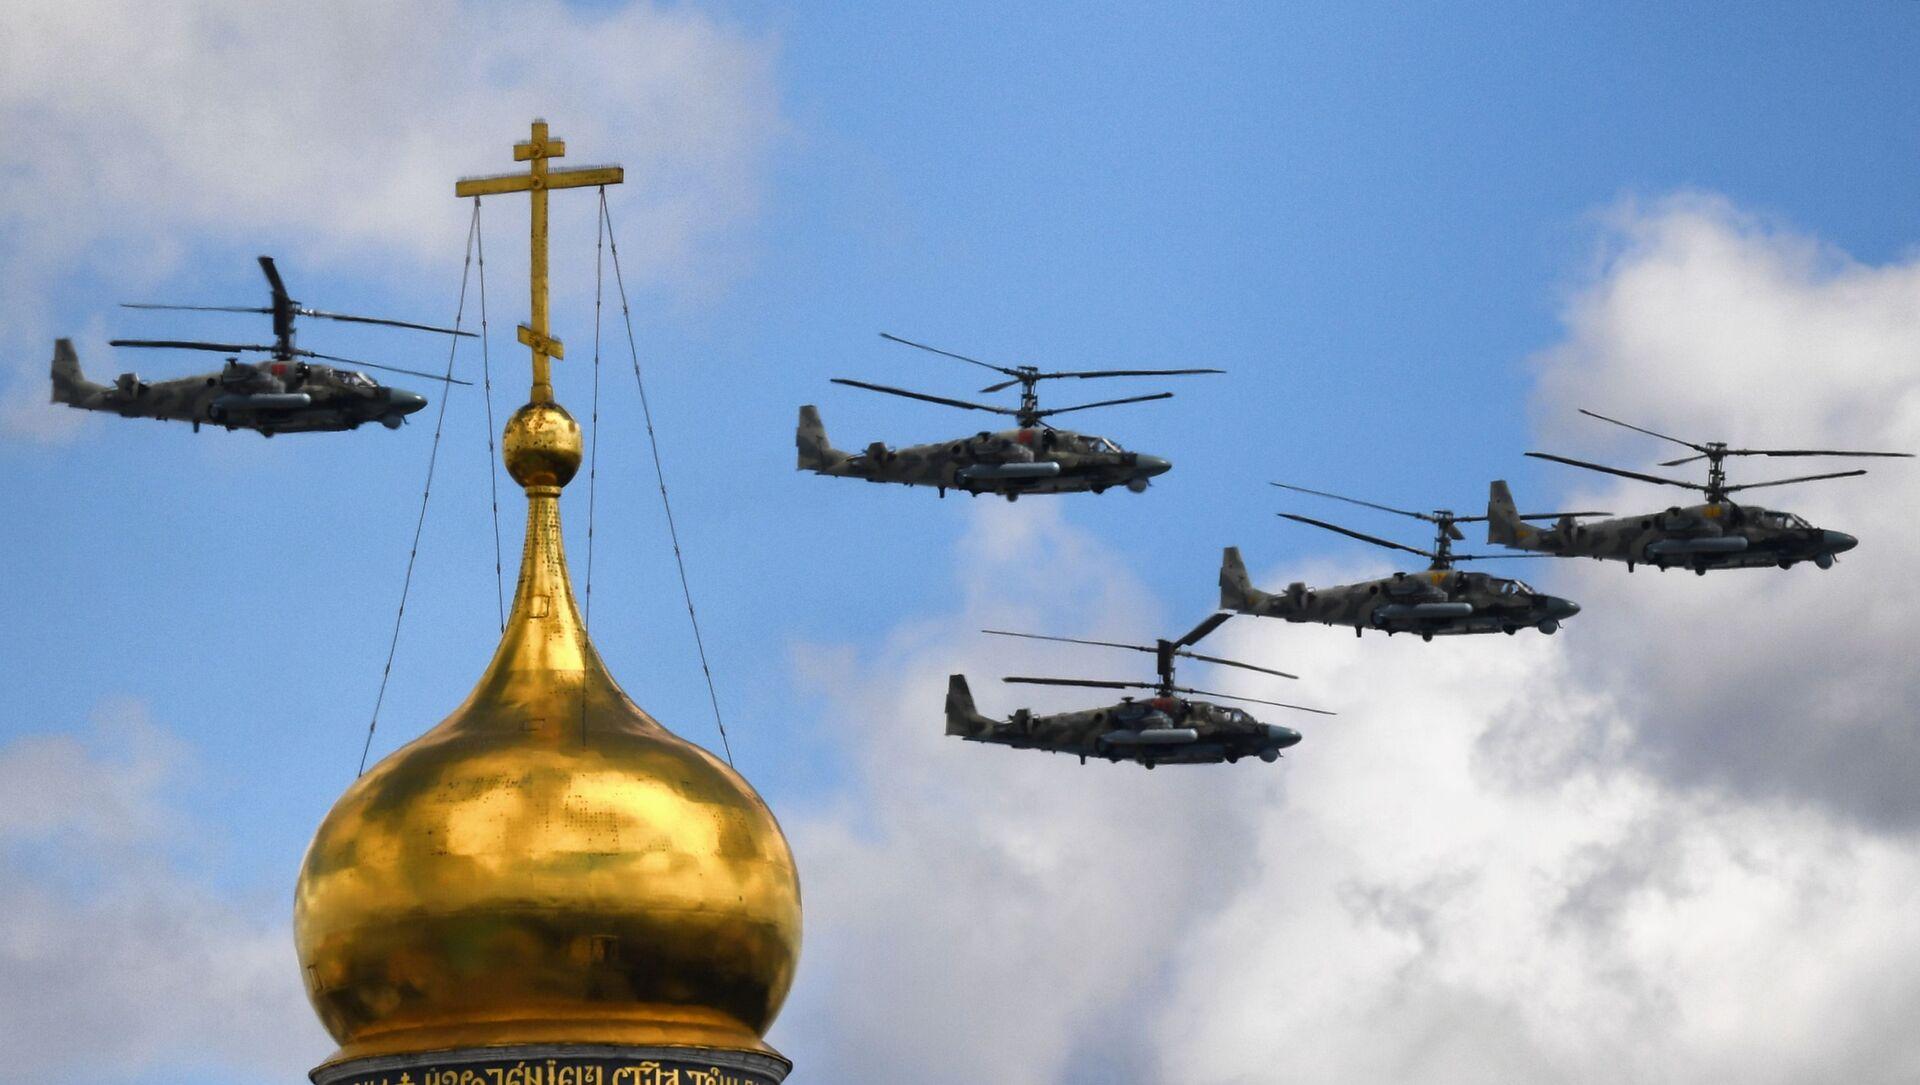 Helikoptery Ka-52 Alligator podczas próby generalnej parady z okazji 76. rocznicy zwycięstwa w Wielkiej Wojnie Ojczyźnianej w Moskwie. - Sputnik Polska, 1920, 19.05.2021